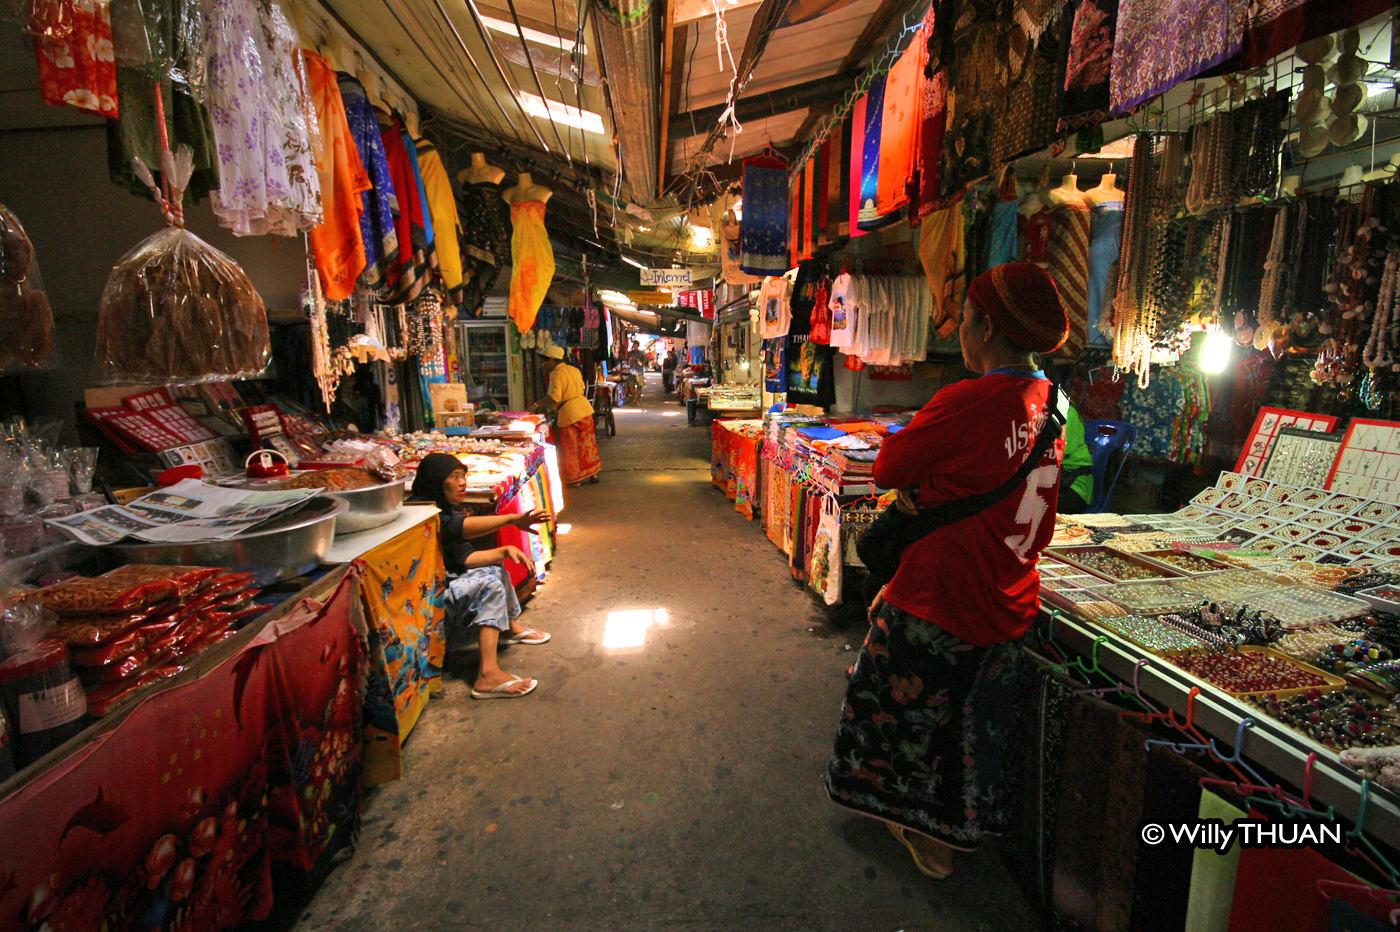 Koh Panyi (Koh Panyee) Village in Phang Nga, Phuket ...